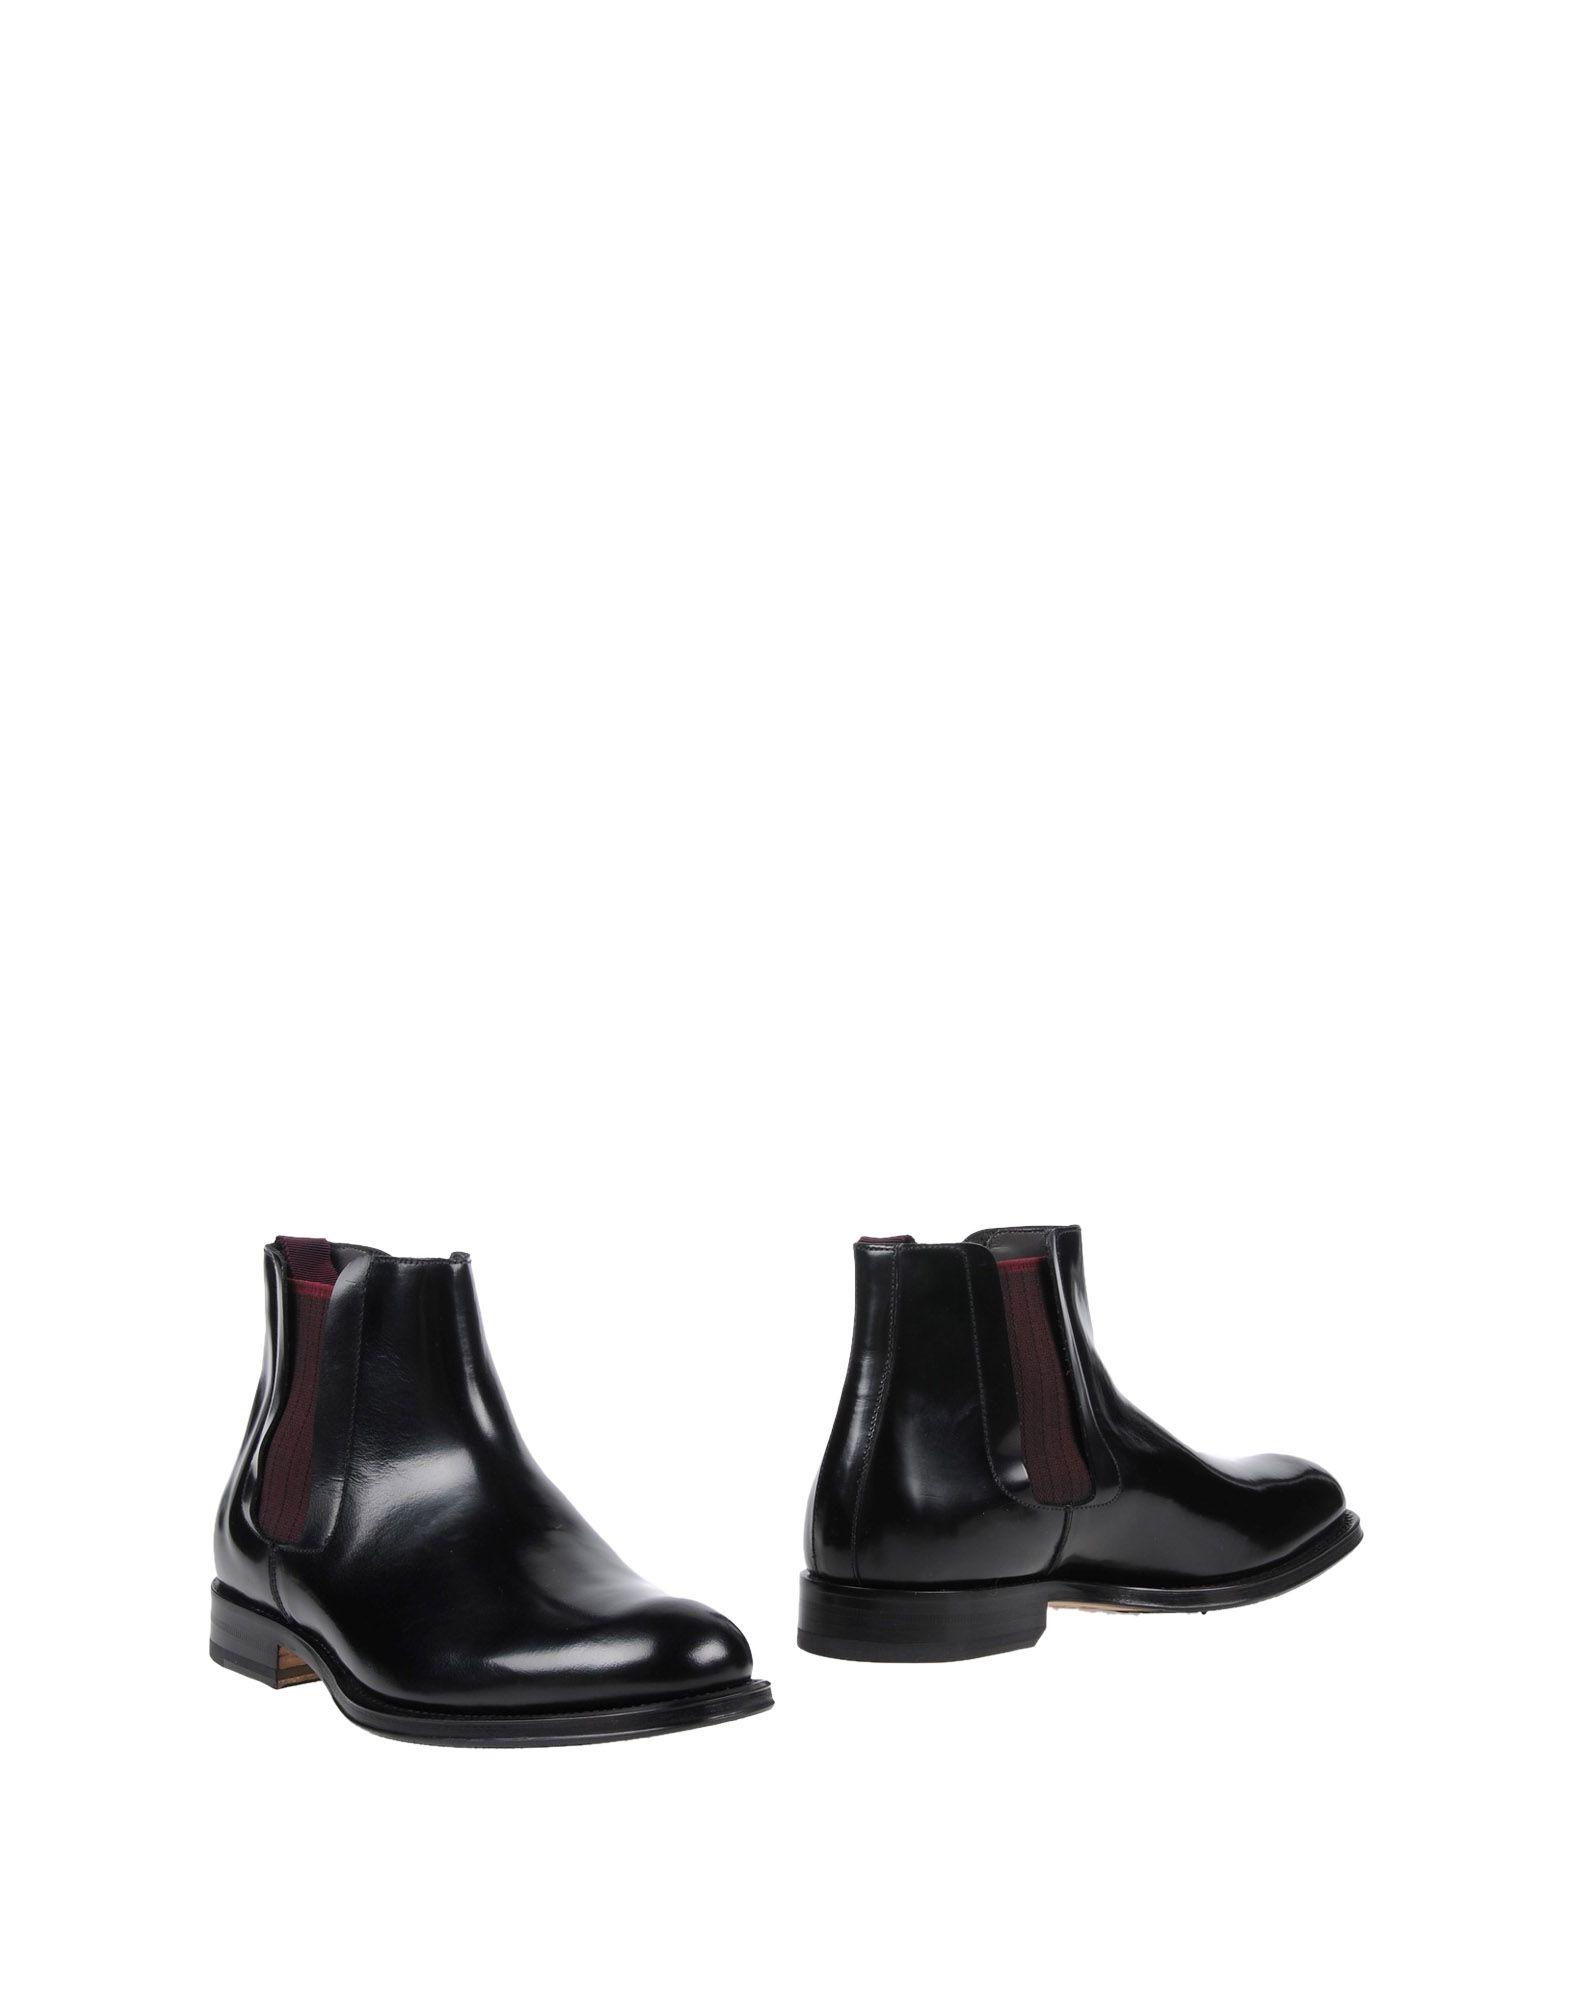 Pollini Stiefelette Herren  11447278GR Gute Qualität beliebte Schuhe